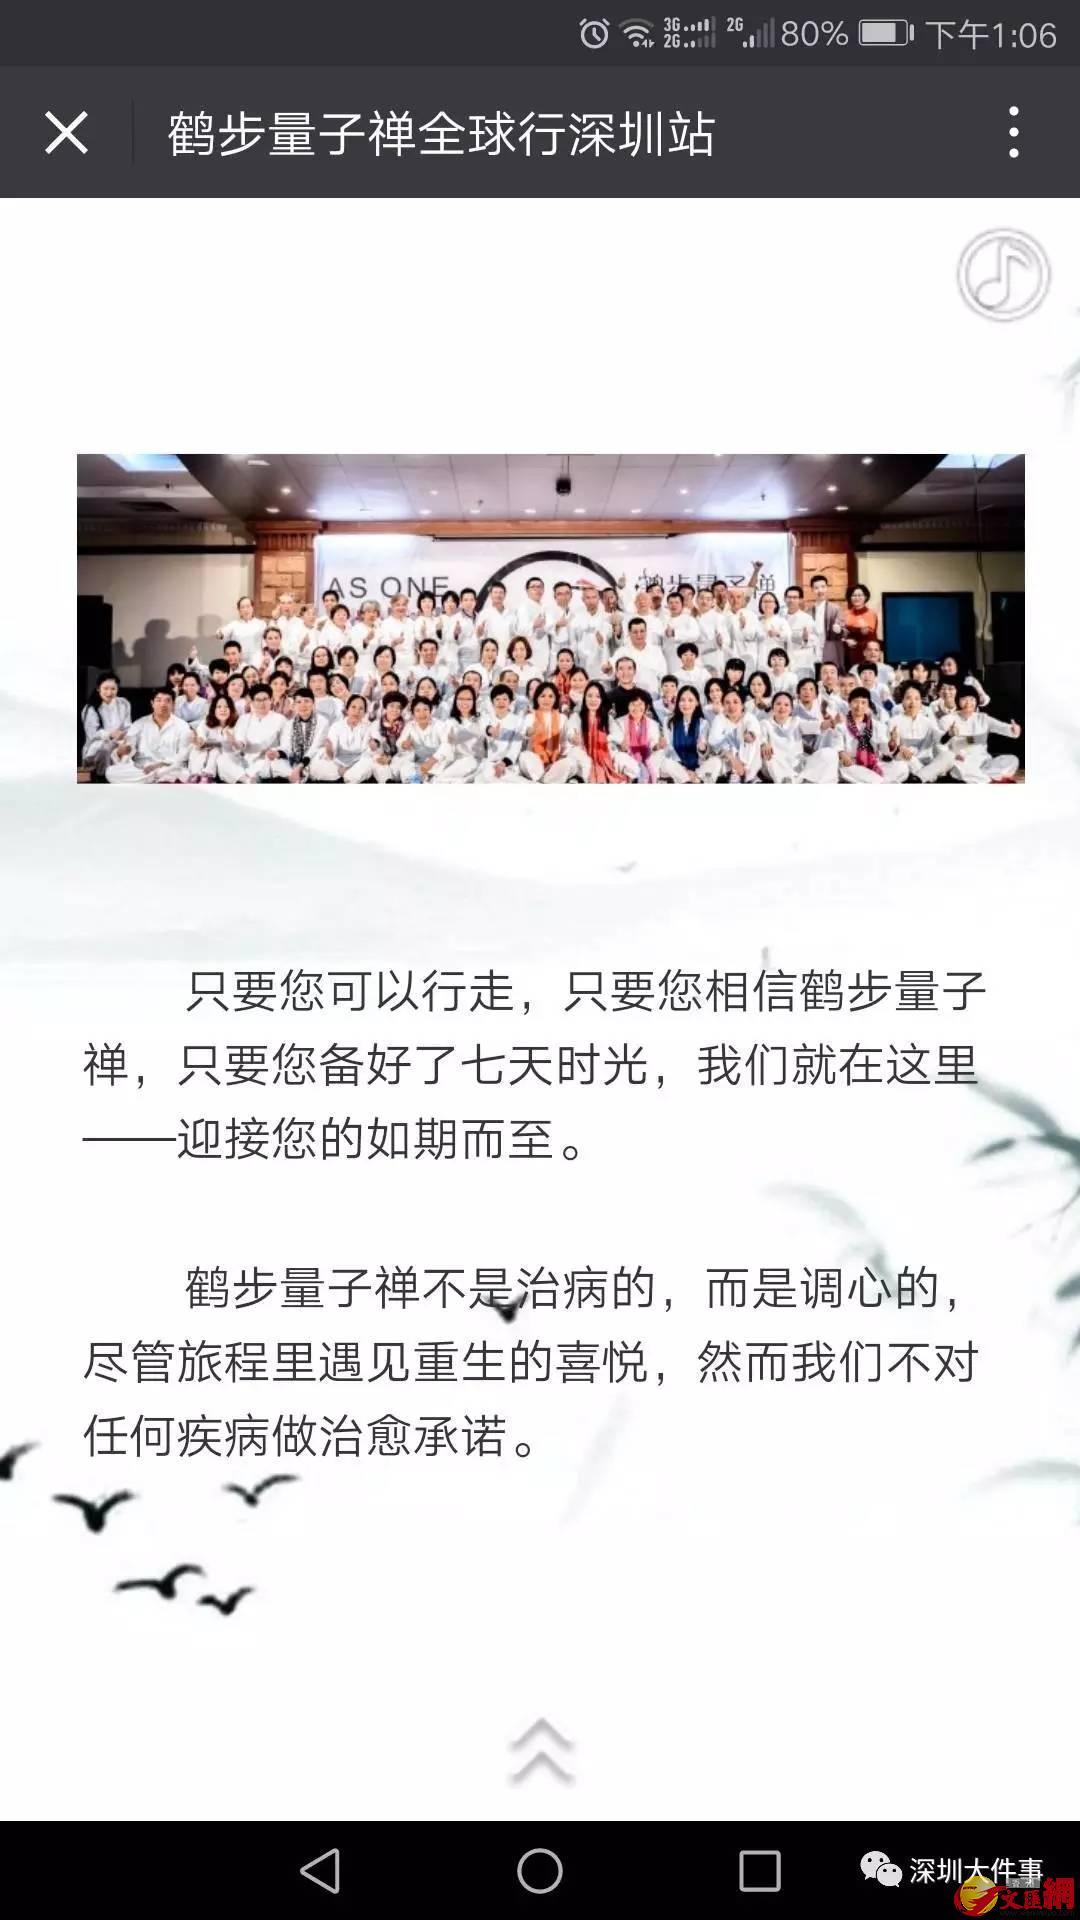 研修班組織方早期的宣傳截圖。